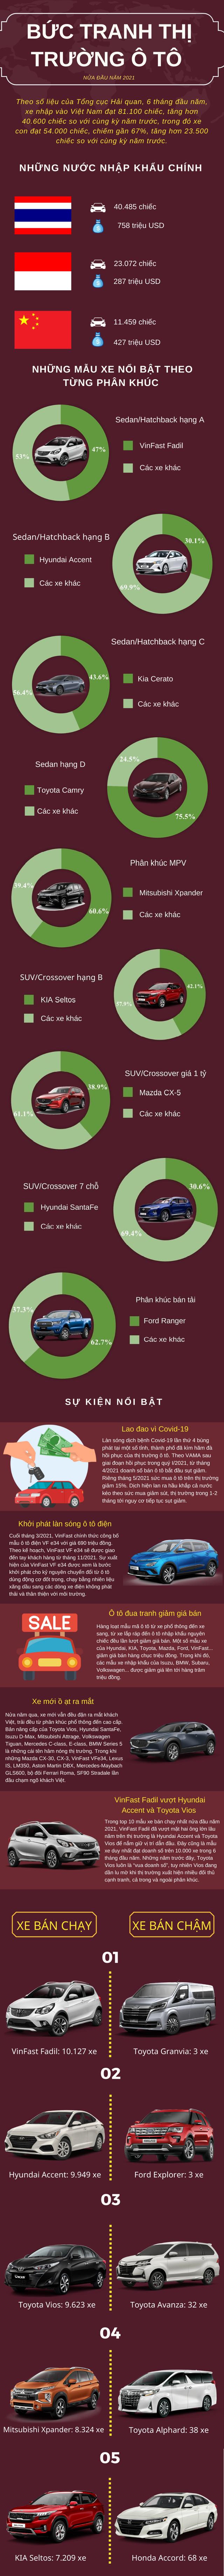 Bức tranh thị trường ô tô nửa đầu năm 2021: Cơn bão đại hạ giá hàng trăm triệu đồng bao phủ toàn phân khúc, khởi phát làn sóng ô tô điện và sự bứt phá mạnh mẽ của Fadil - Ảnh 1.